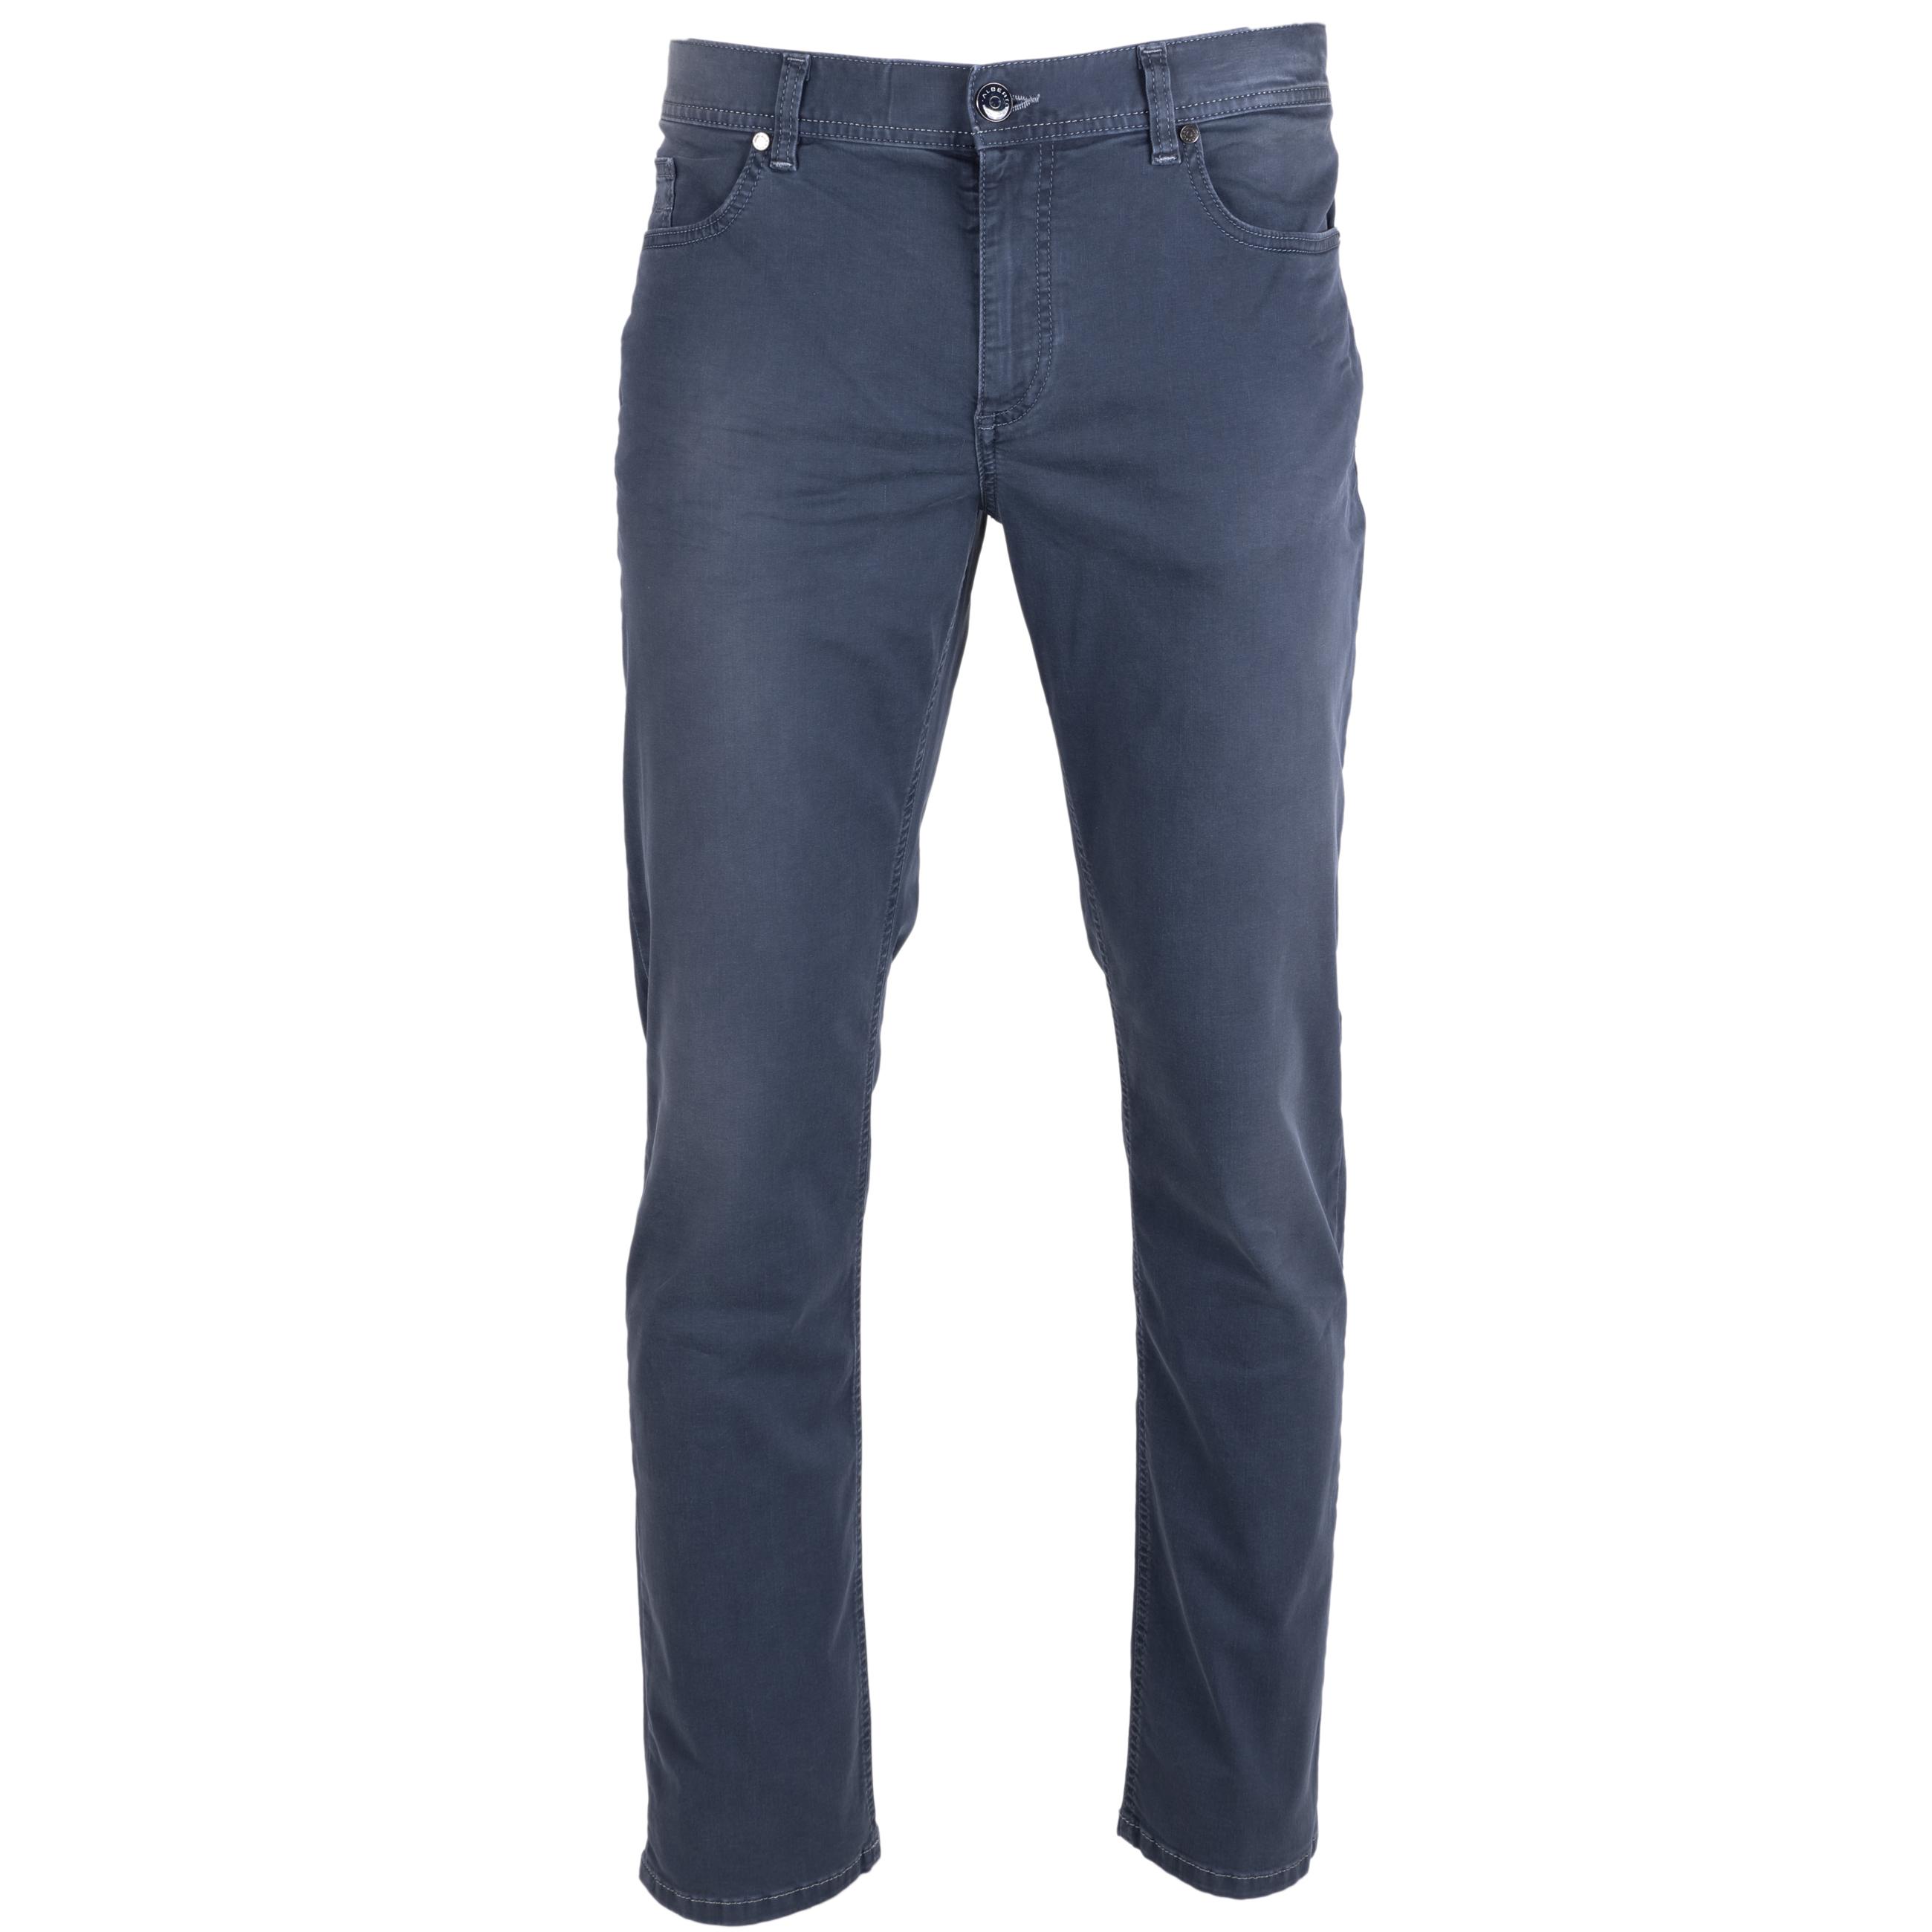 Alberto Jeans Pipe regular fit leichte Qualität 38/34 grau